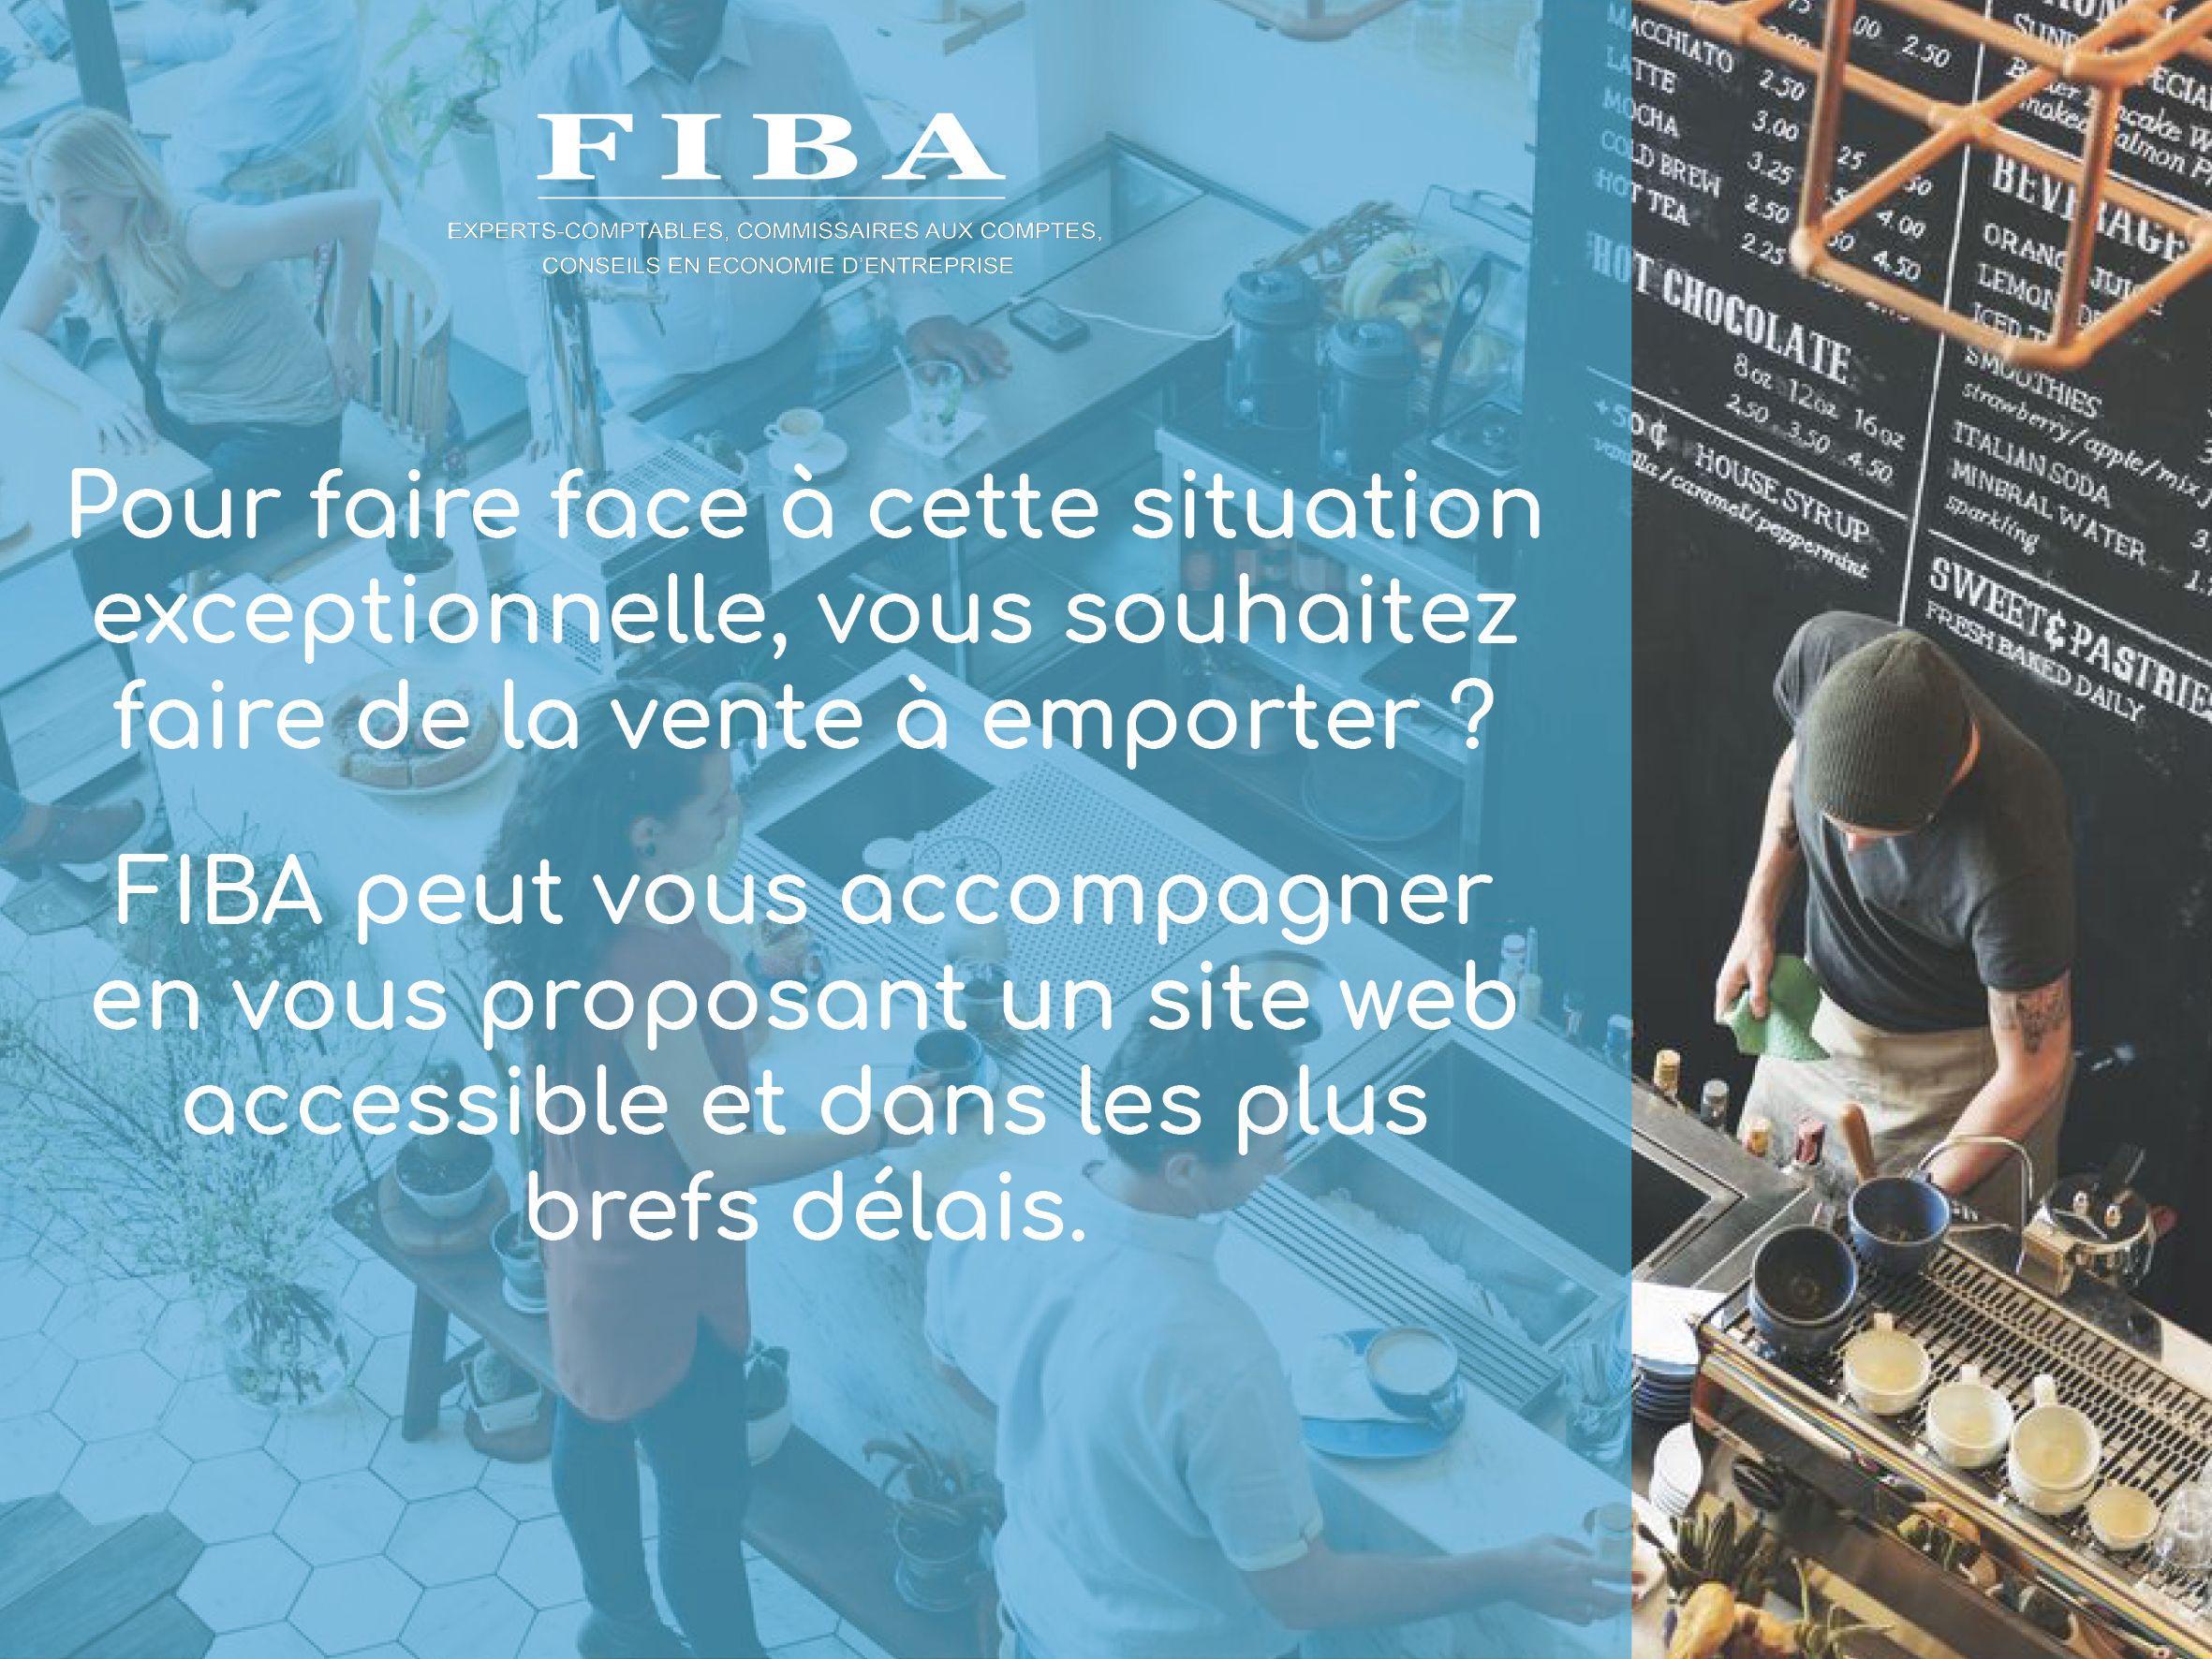 FIBA accompagne les restaurateurs dans leur stratégie de vente à emporter